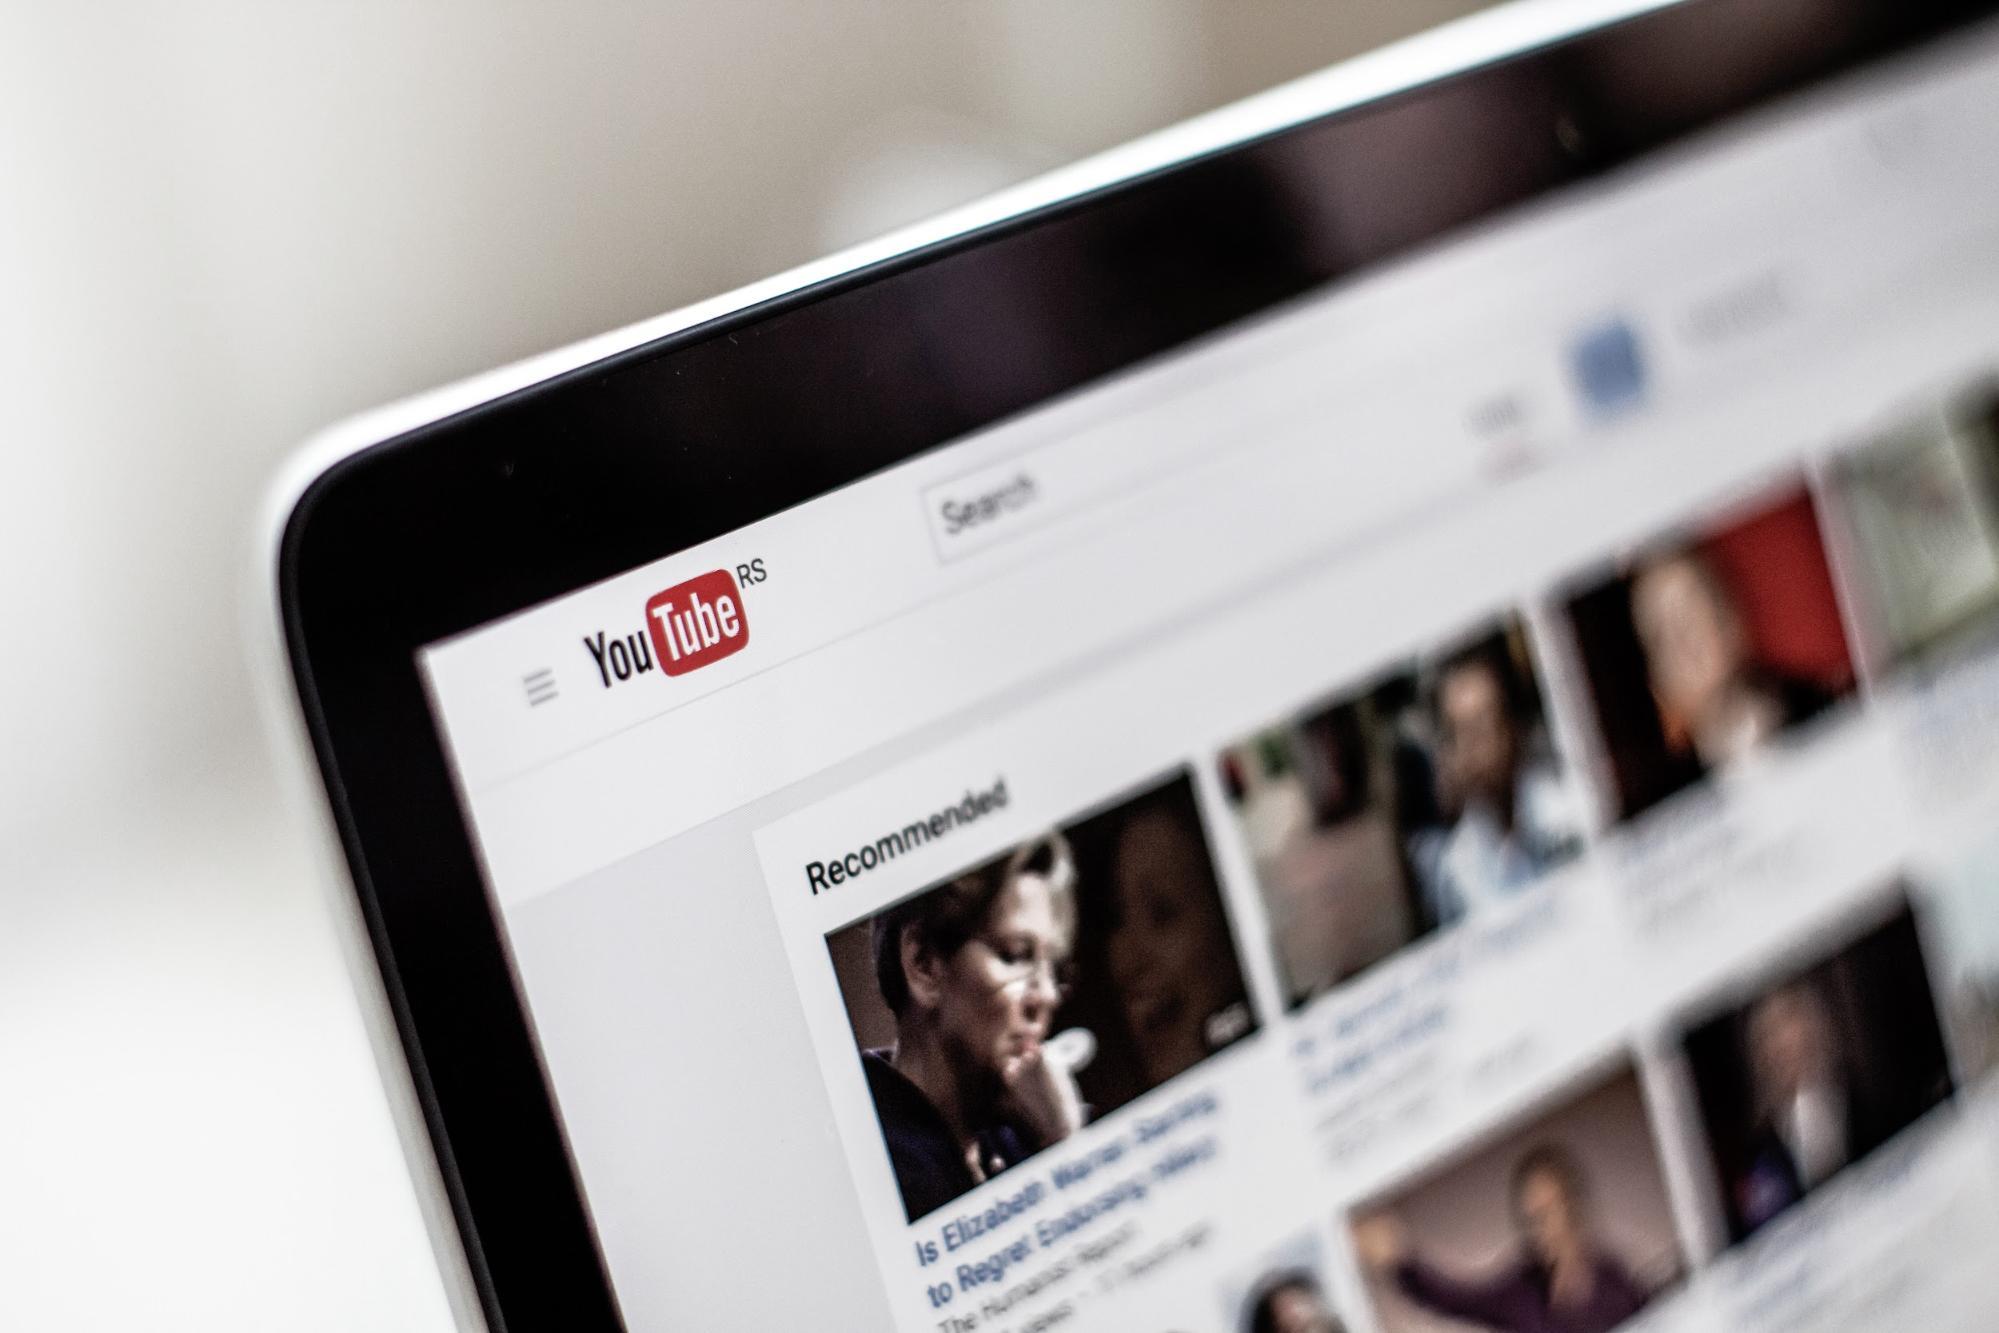 Youtuberになるために大事なこととは?メリットとデメリットをご紹介